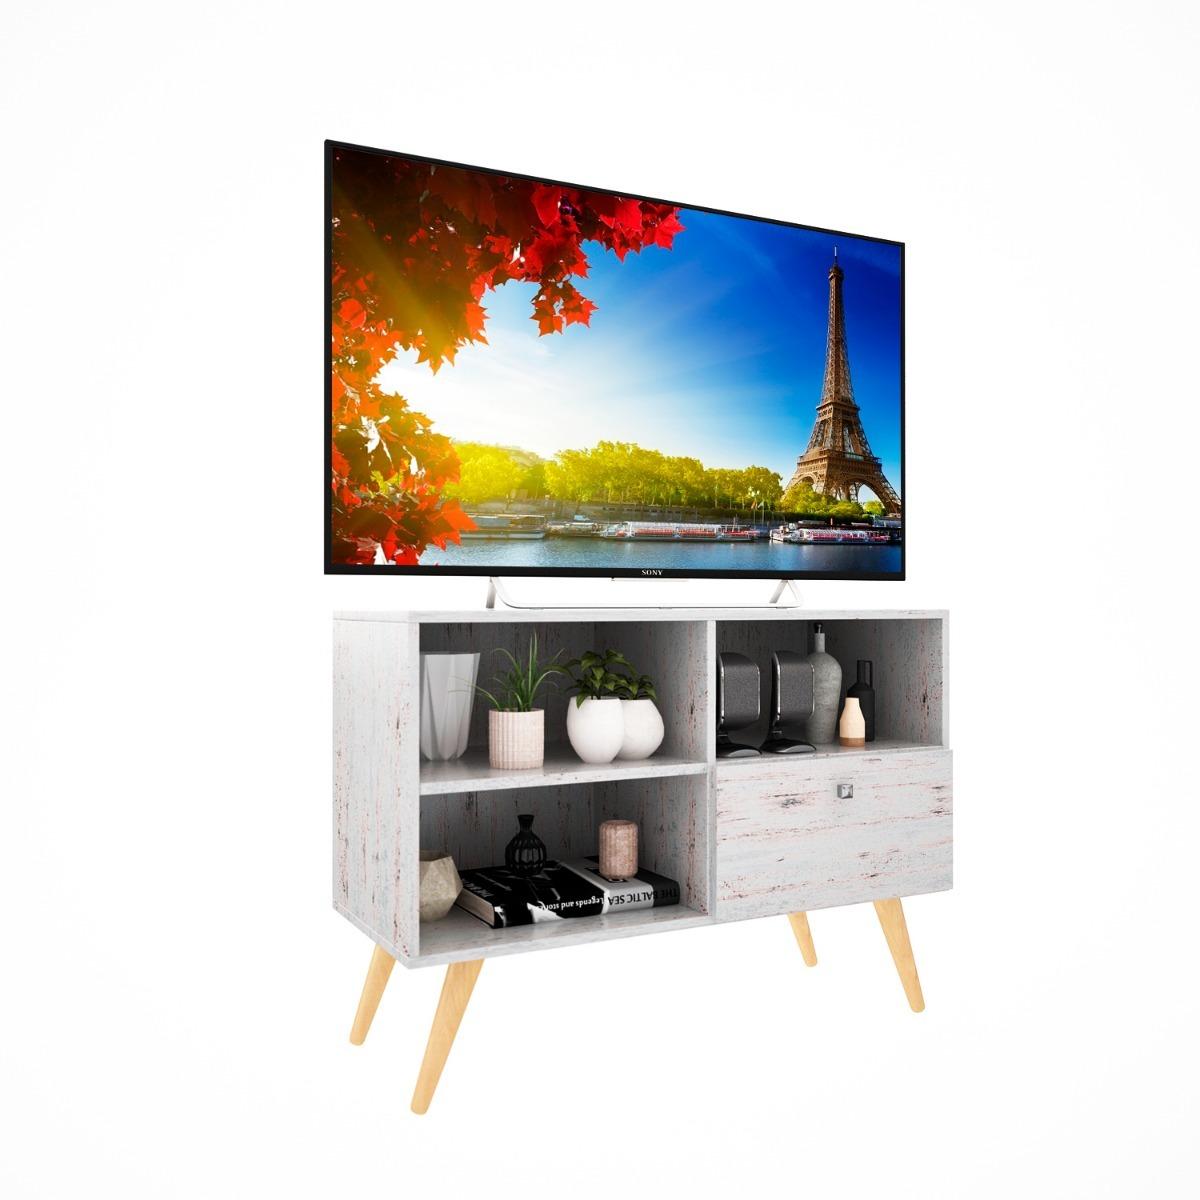 RACK TV (DL880) DELOS